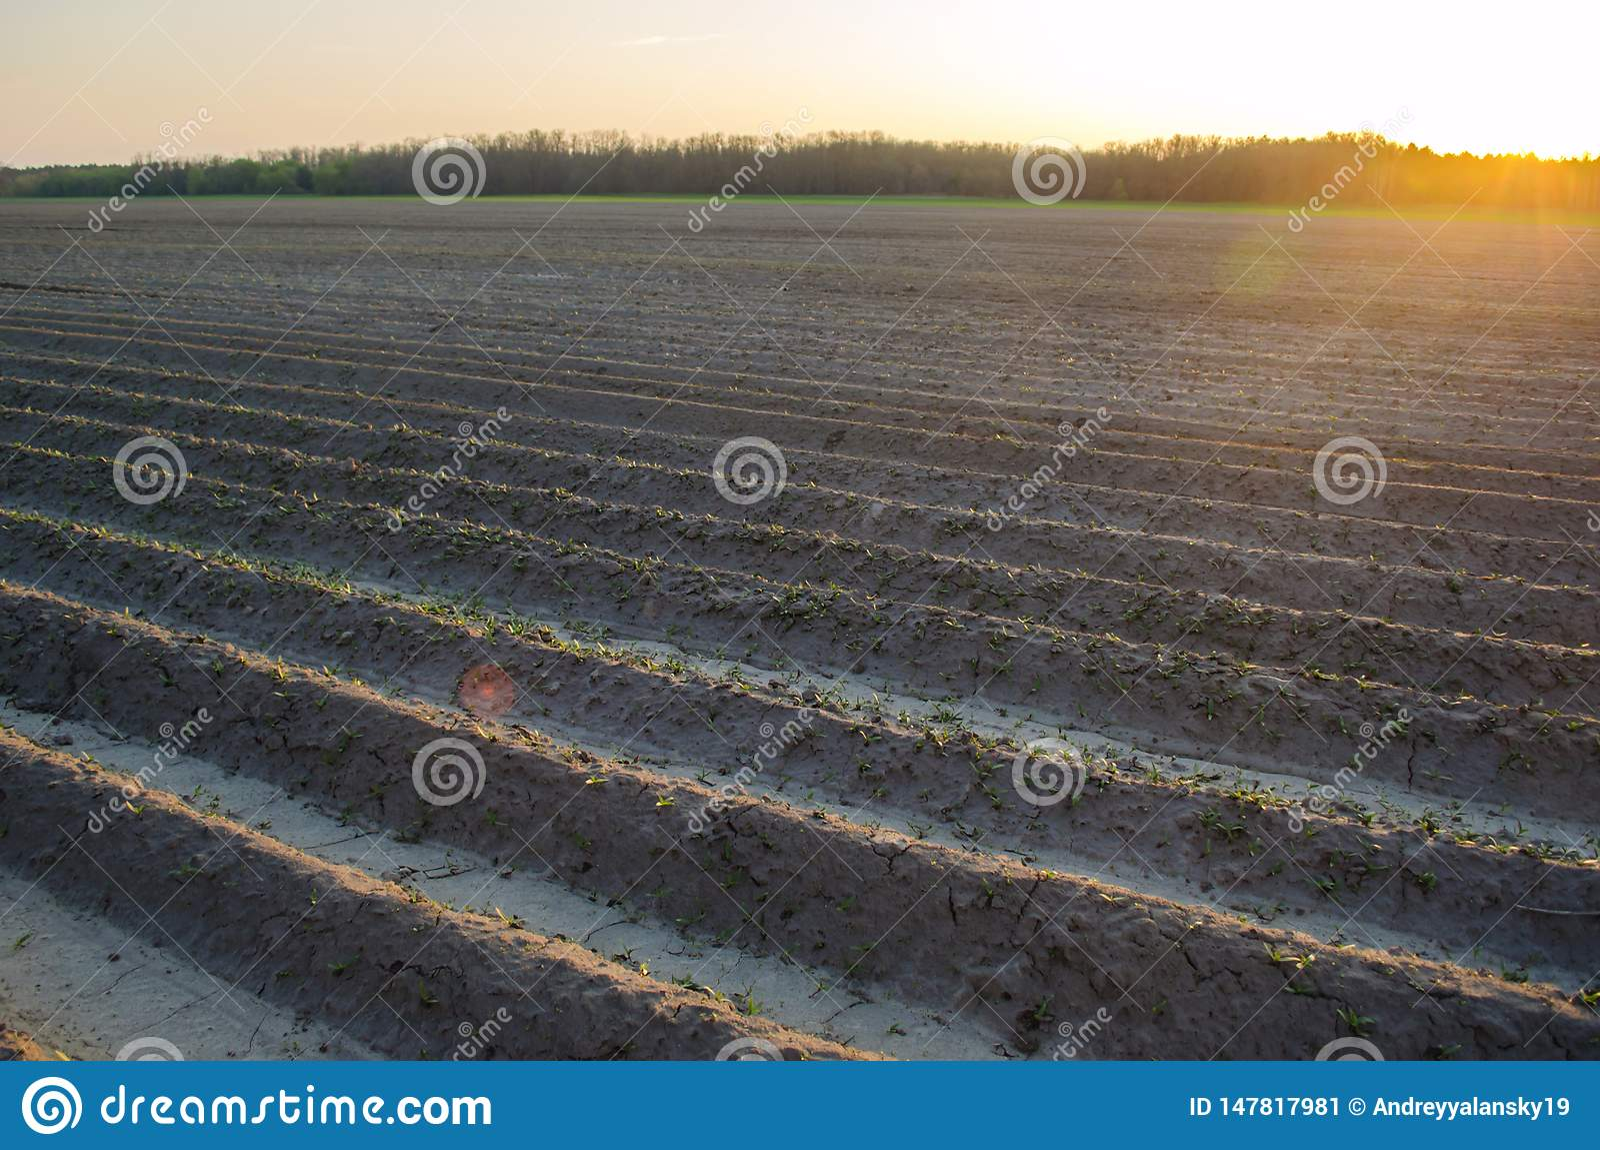 Campo arado despu?s del cultivo para plantar cosechas agr?colas Paisaje con la regi?n agr?cola camas para las plantas Agricultura